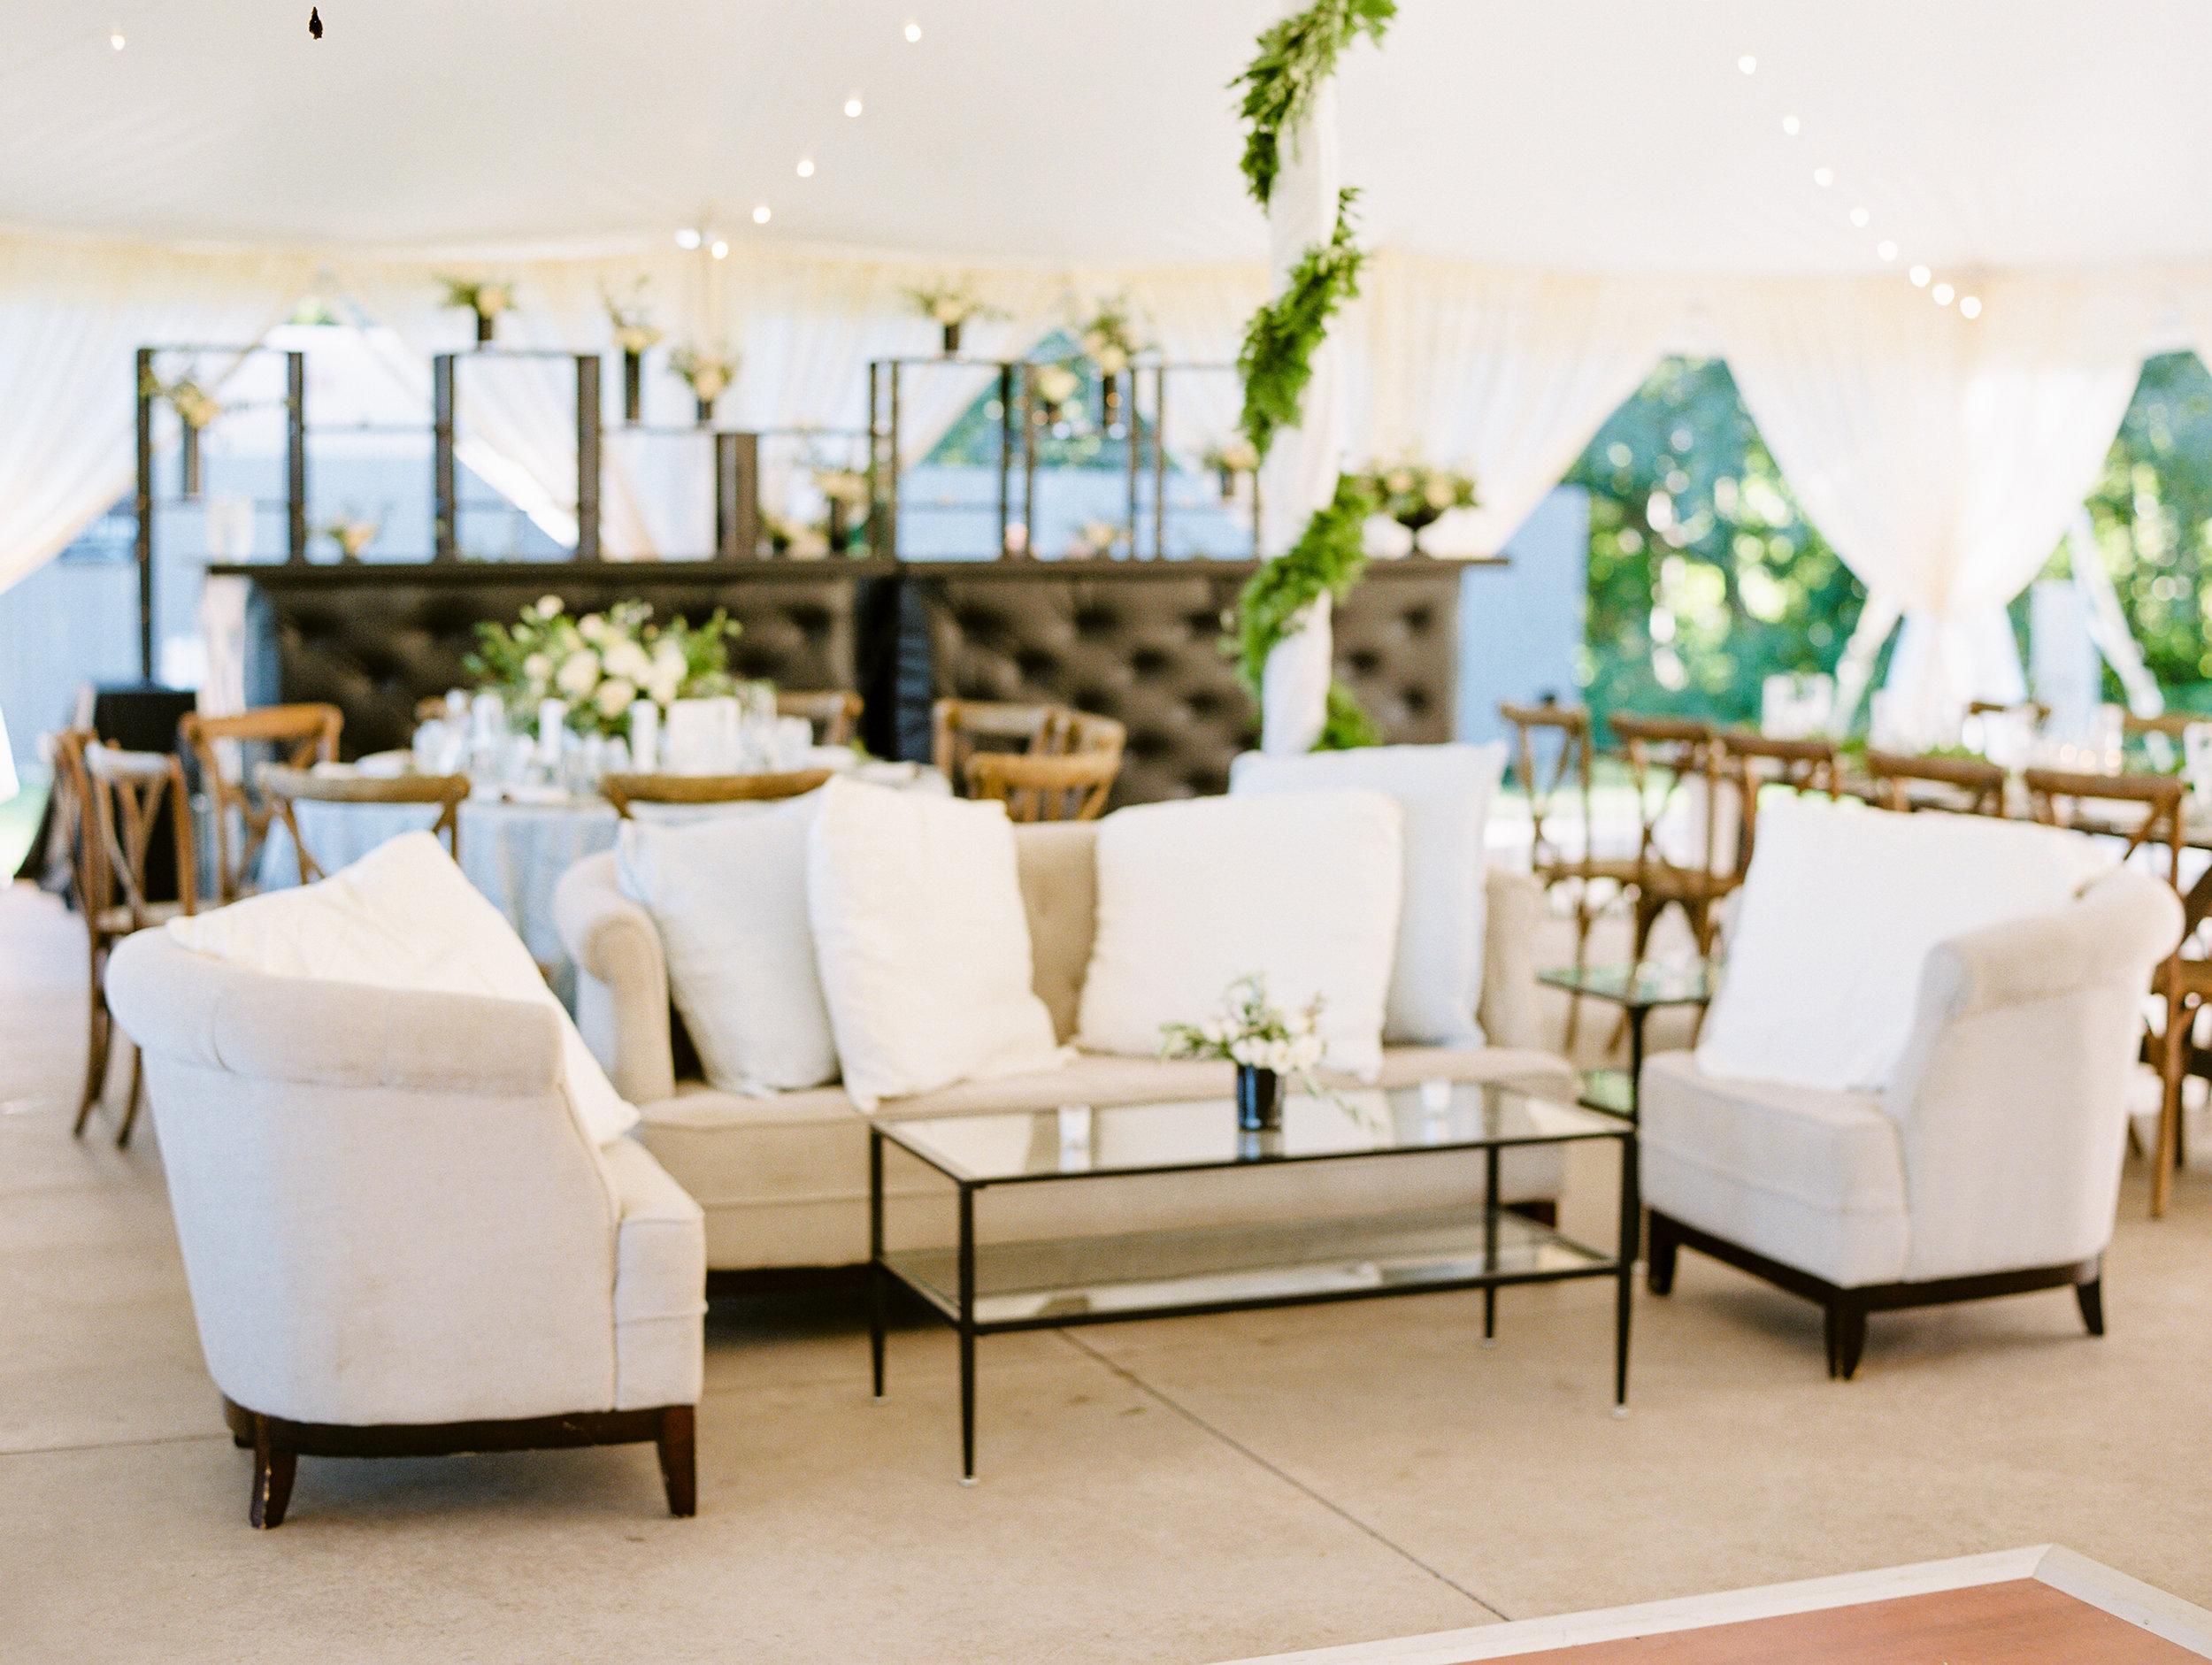 Steinlage+Wedding+Reception+Details-115.jpg